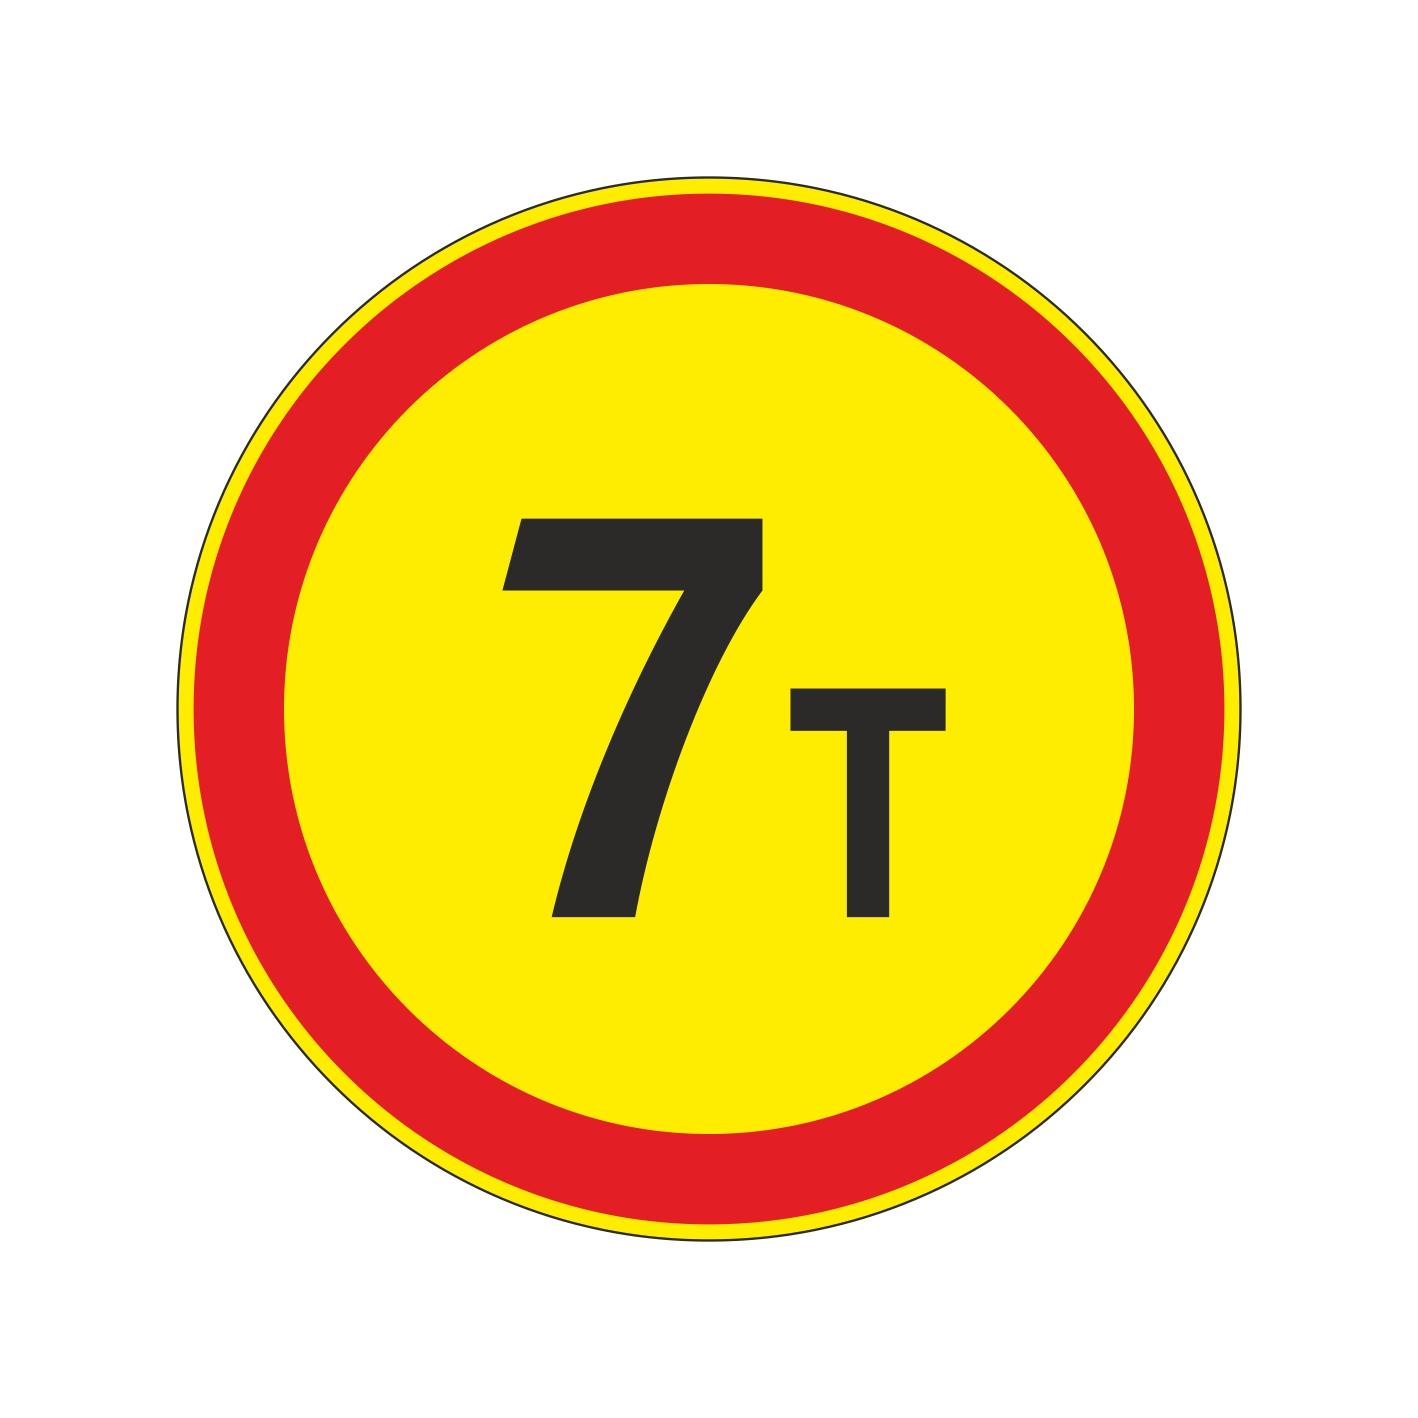 3.11 (временный) Ограничение массы [дорожный знак]